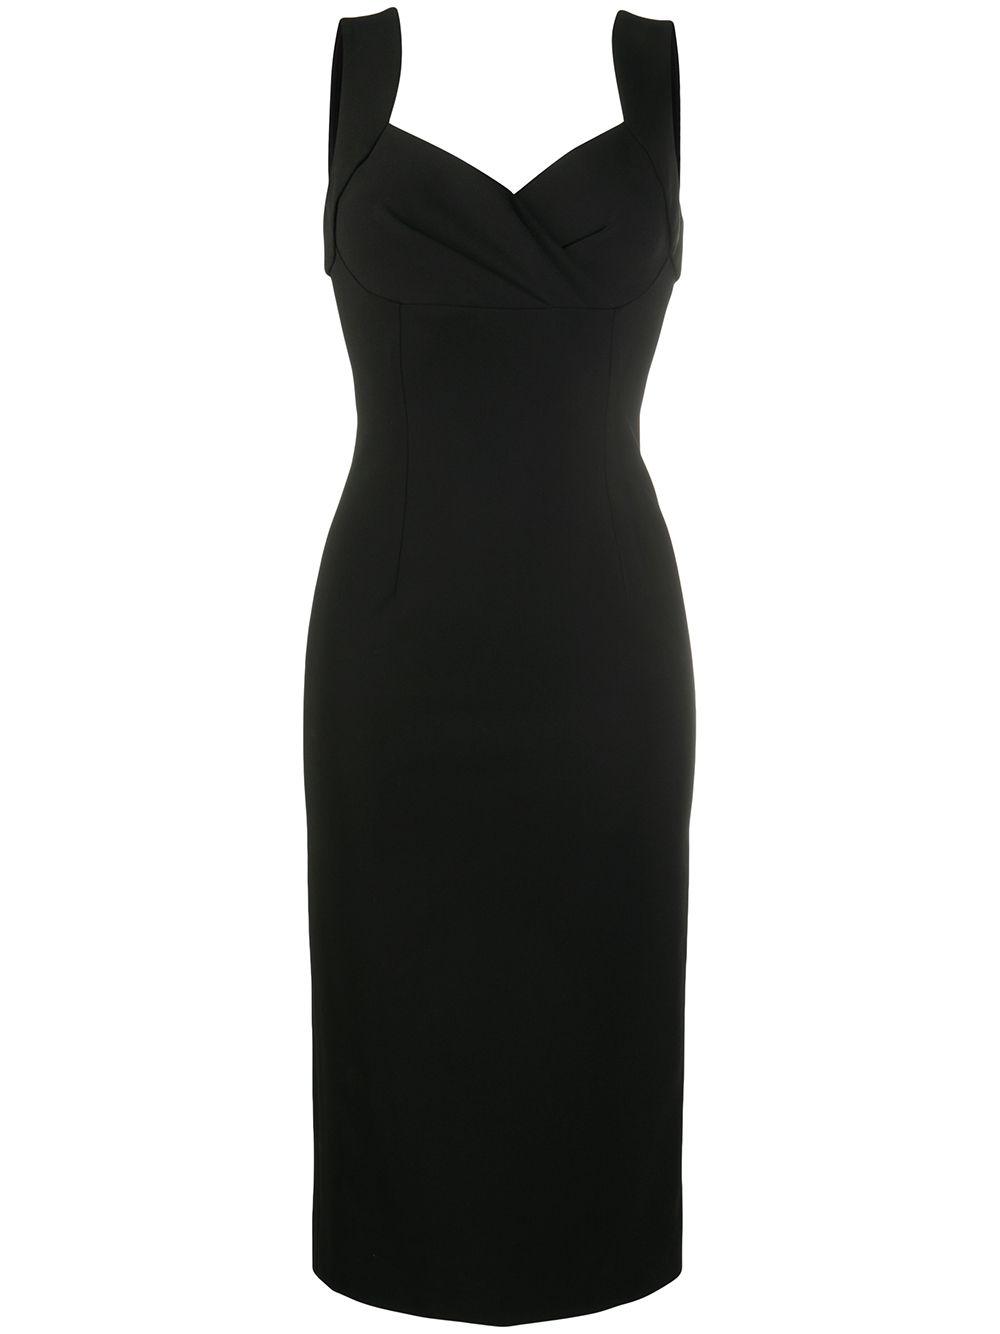 abito longuette nero in viscosa con drappeggio sul seno DOLCE & GABBANA | Abiti | F6J4QT-FUGKFN0000